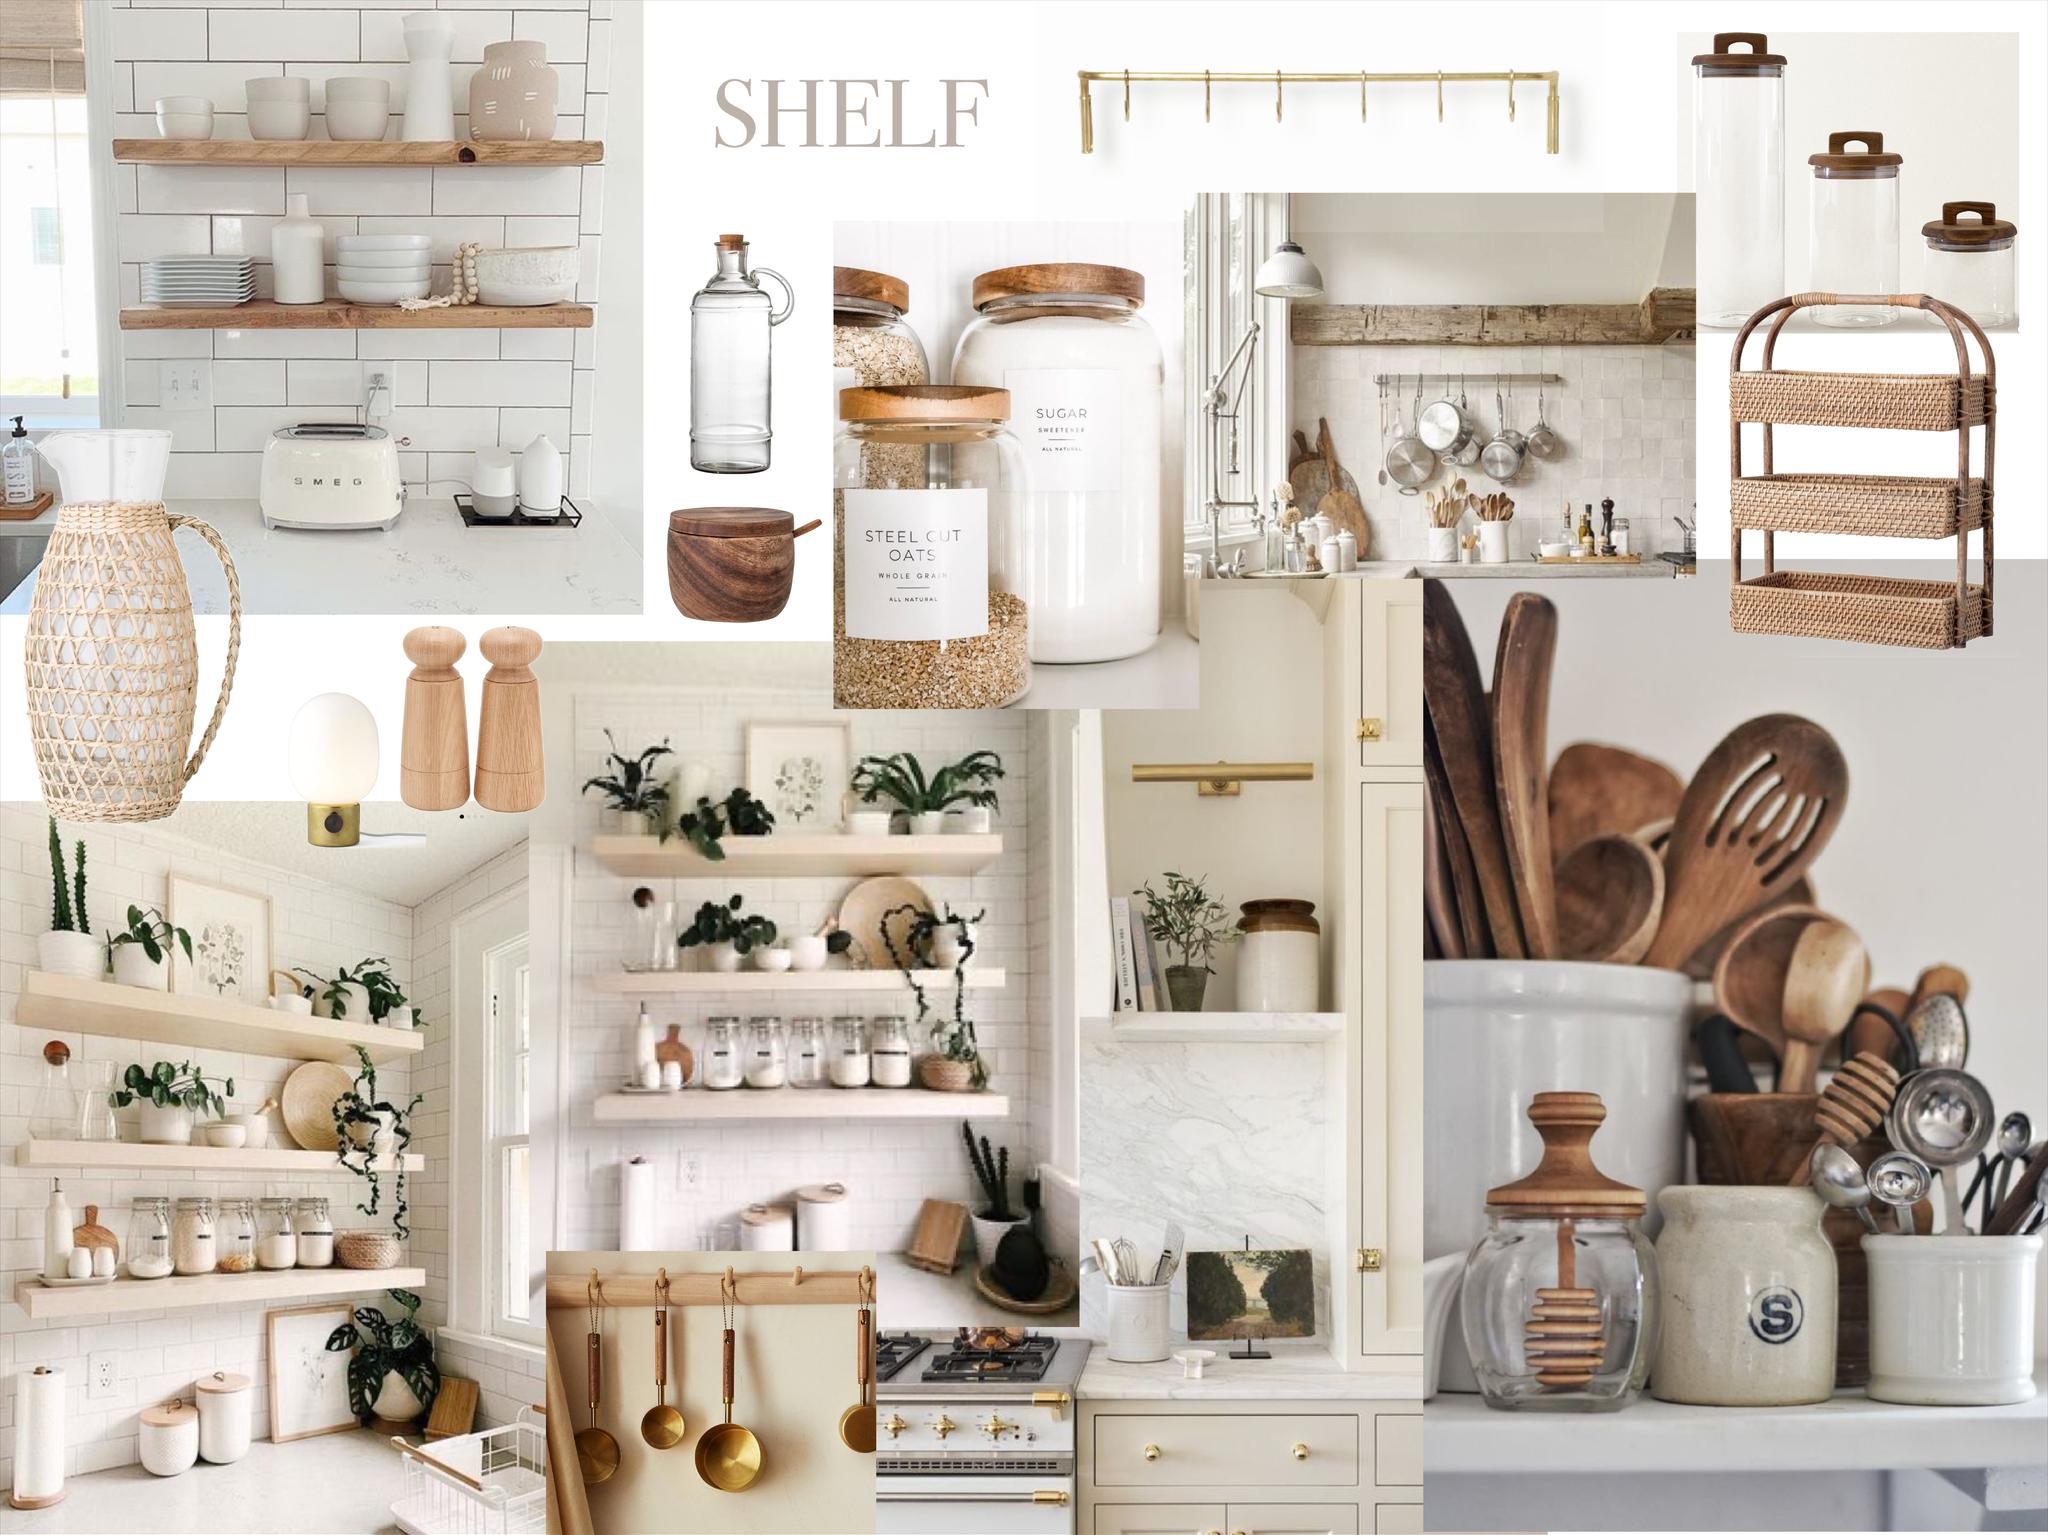 Küchen Makeover - Moodboard Shelf